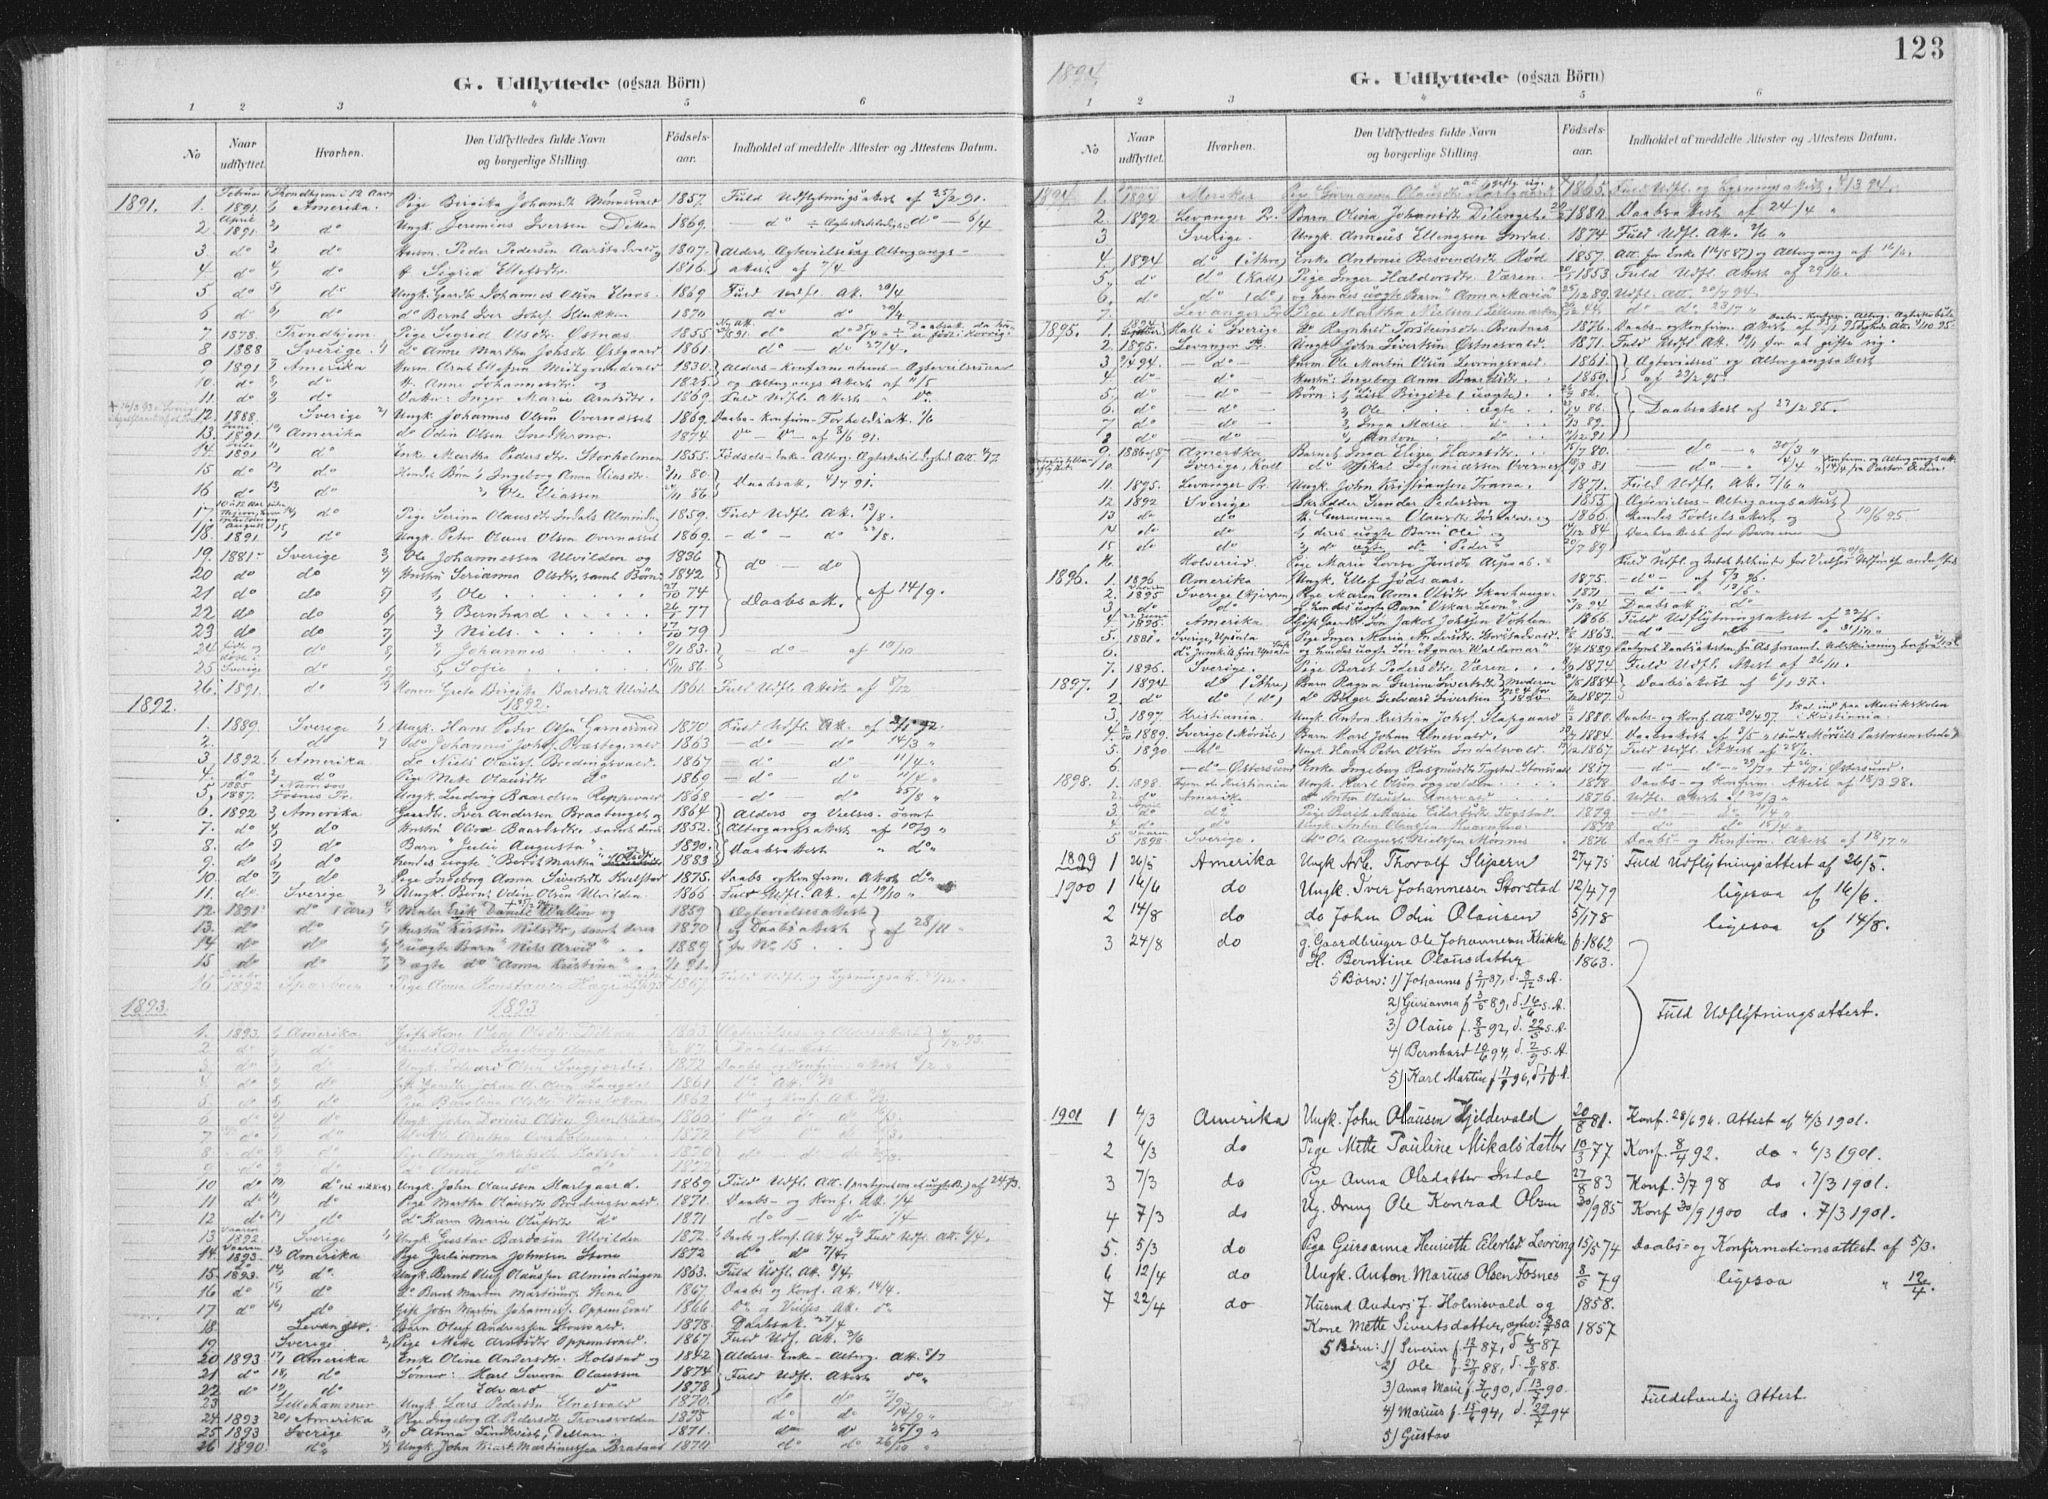 SAT, Ministerialprotokoller, klokkerbøker og fødselsregistre - Nord-Trøndelag, 724/L0263: Ministerialbok nr. 724A01, 1891-1907, s. 123